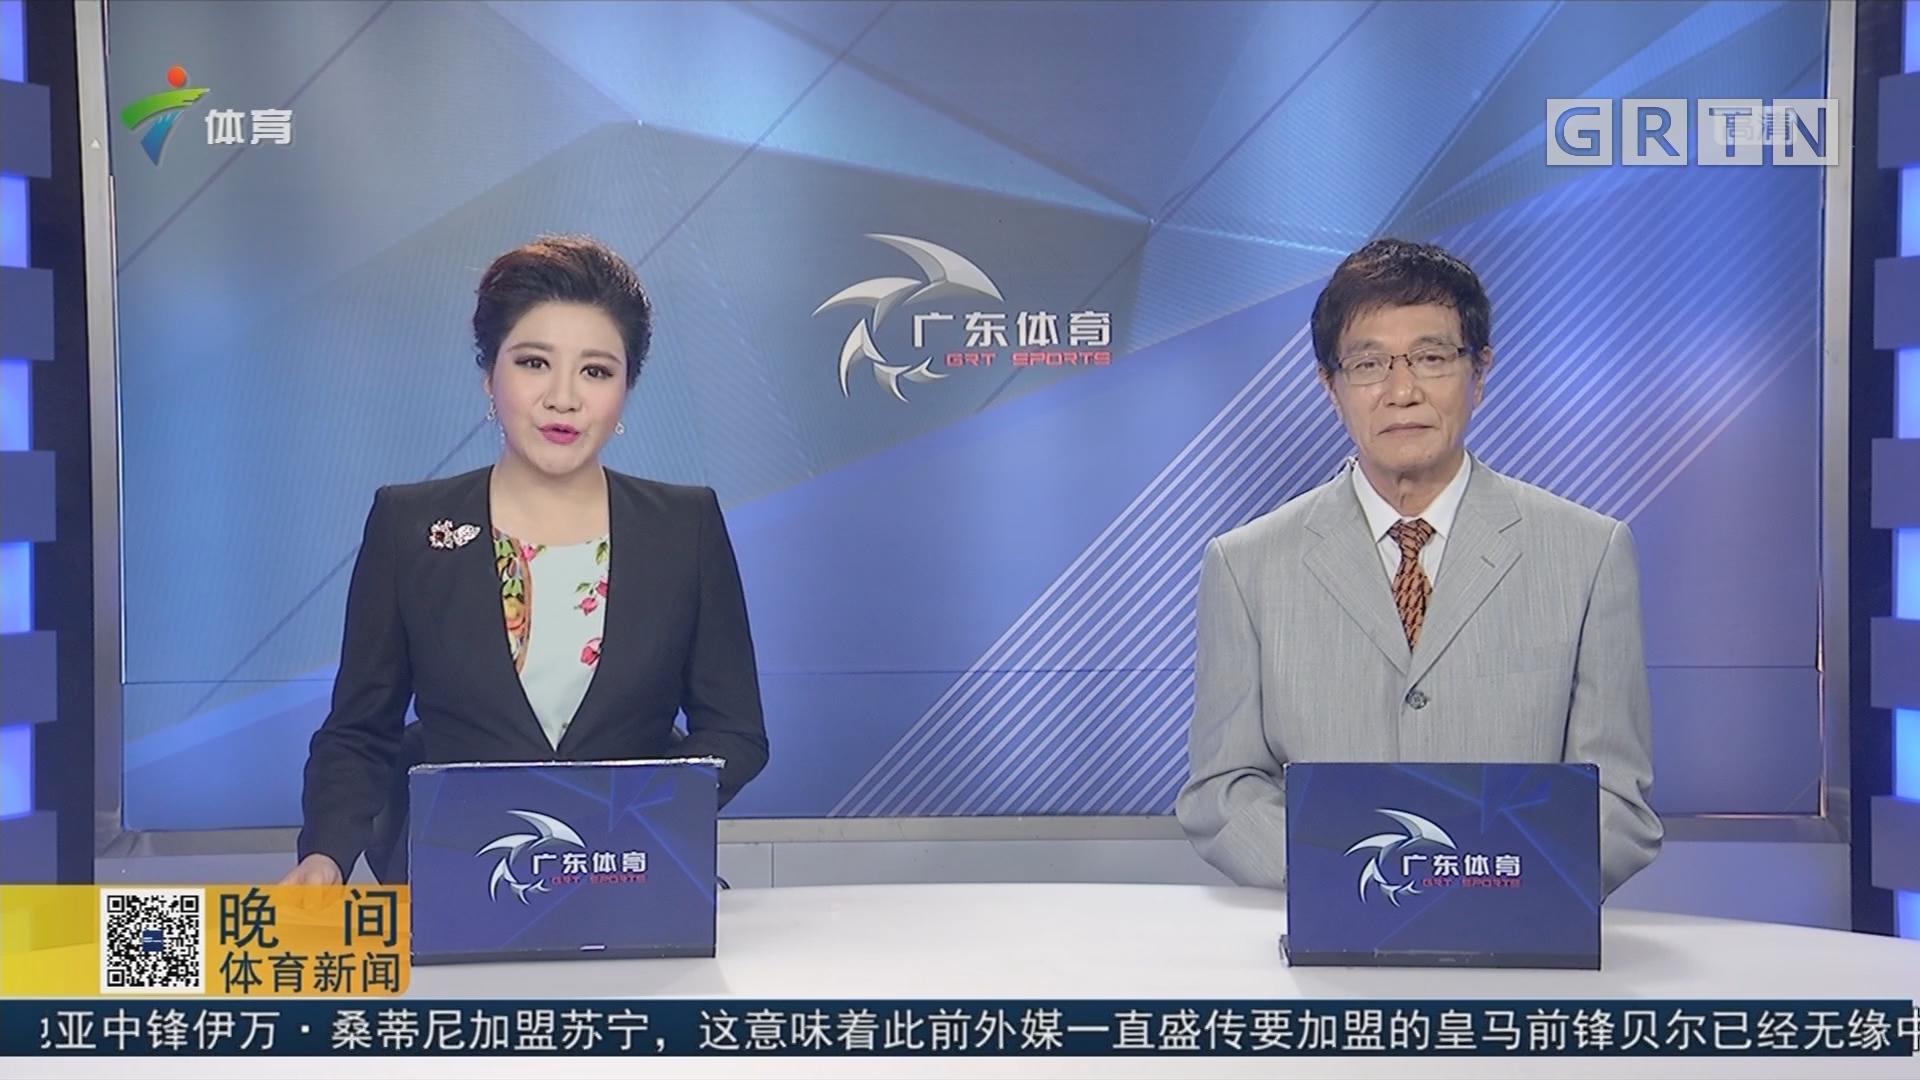 索萨首秀 深圳佳兆业不敌江苏苏宁